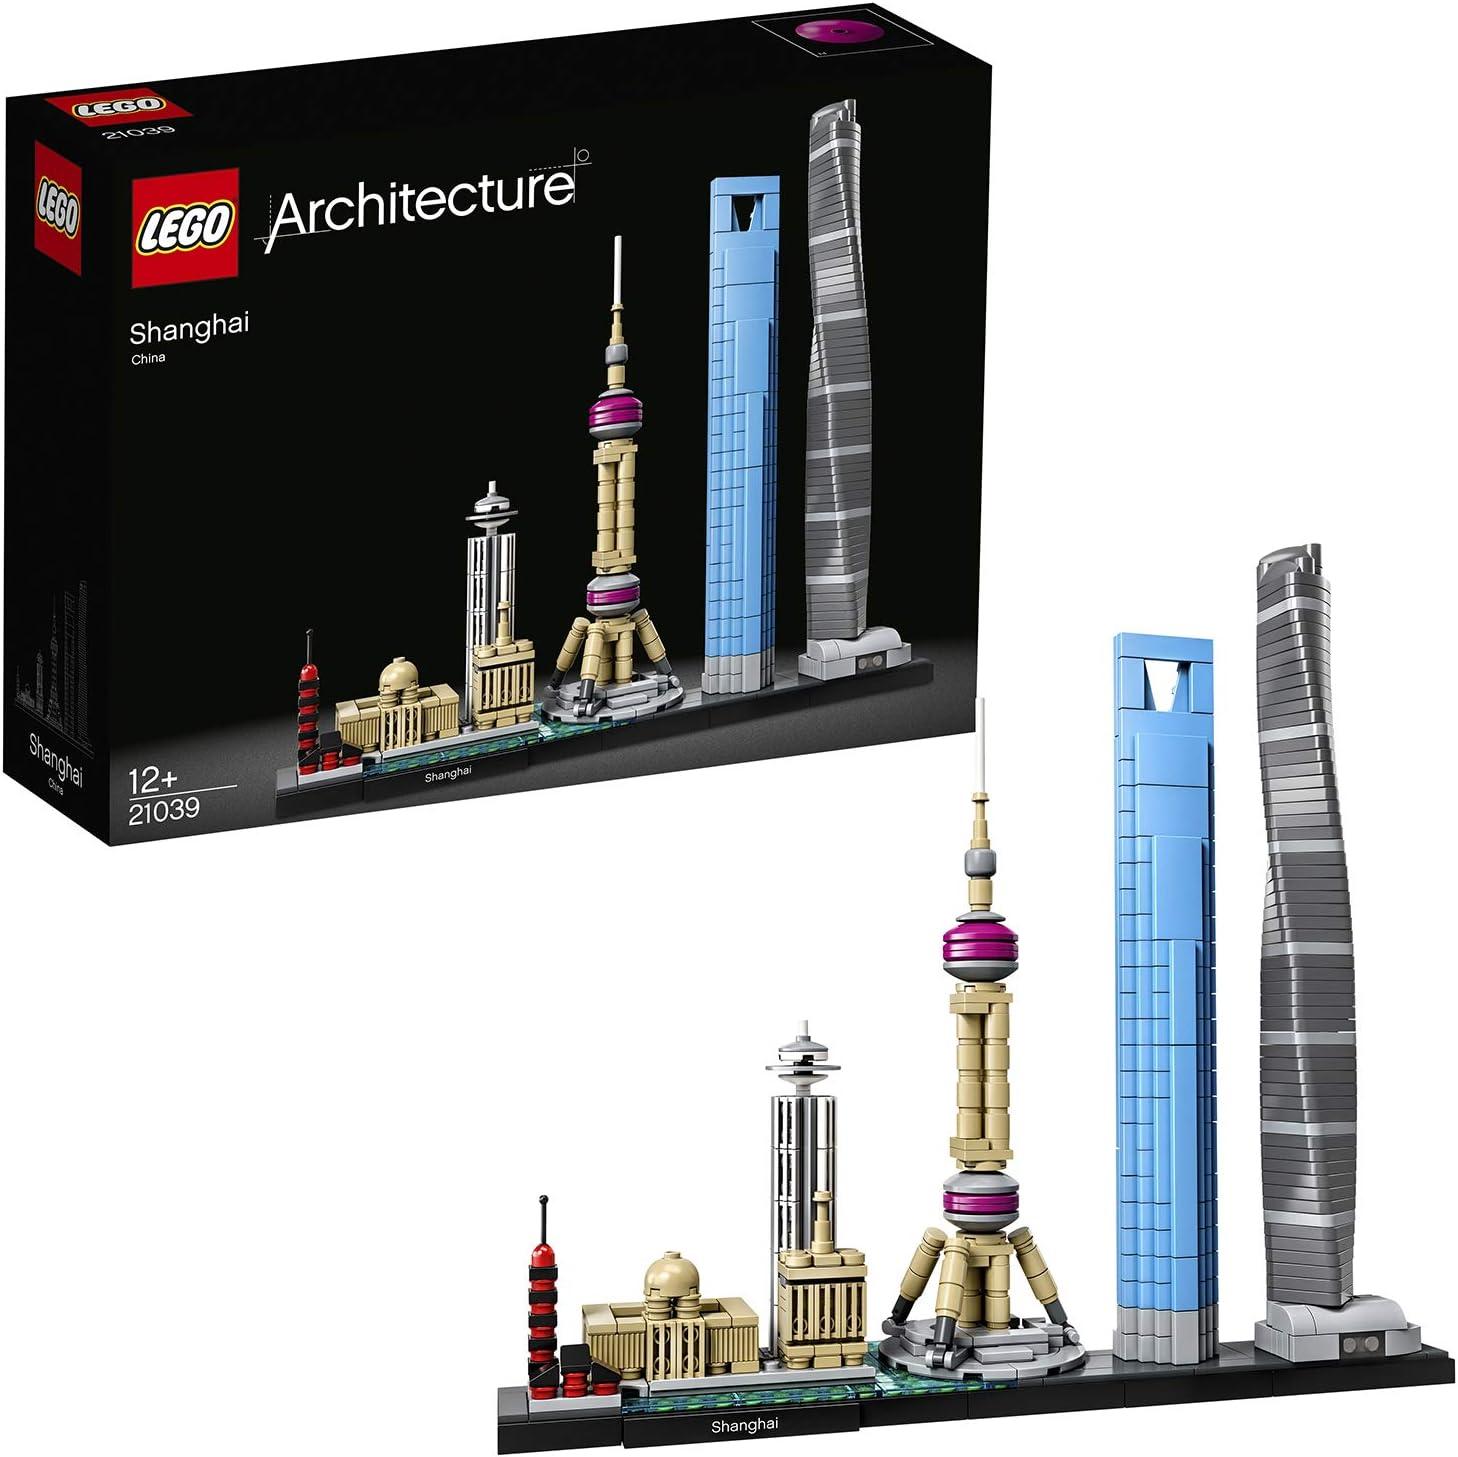 LEGO Architecture - Shanghái, Set de Construcción de Skyline con el World Financial Center y la Torre de la Perla Oriental, Regalo Coleccionable (21039): Amazon.es: Juguetes y juegos